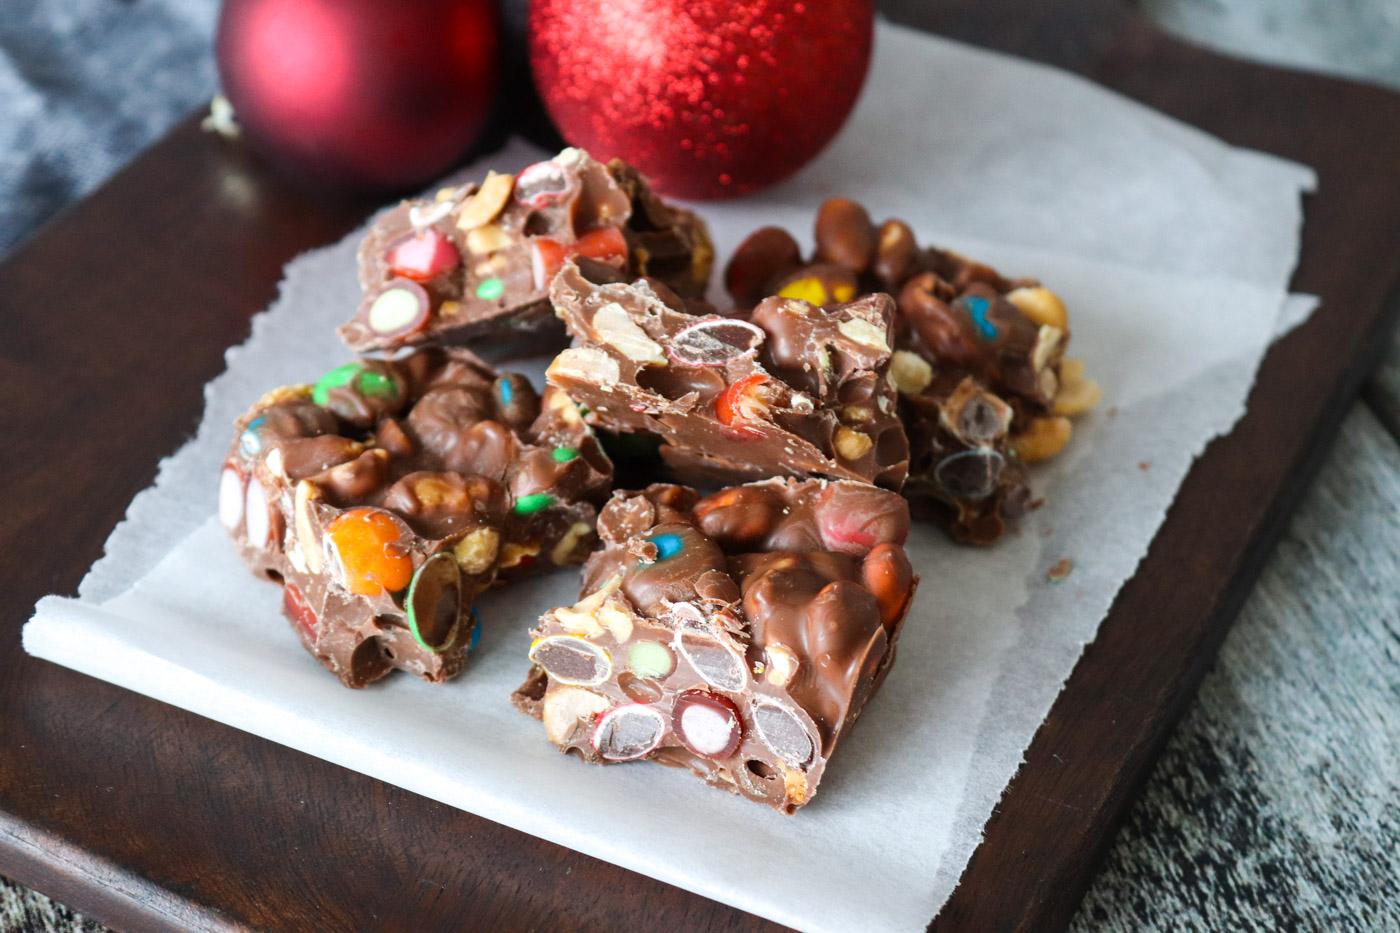 Chokoladebrud – Chokoladebrud Med Tivolistænger, M&Ms Og Peanuts